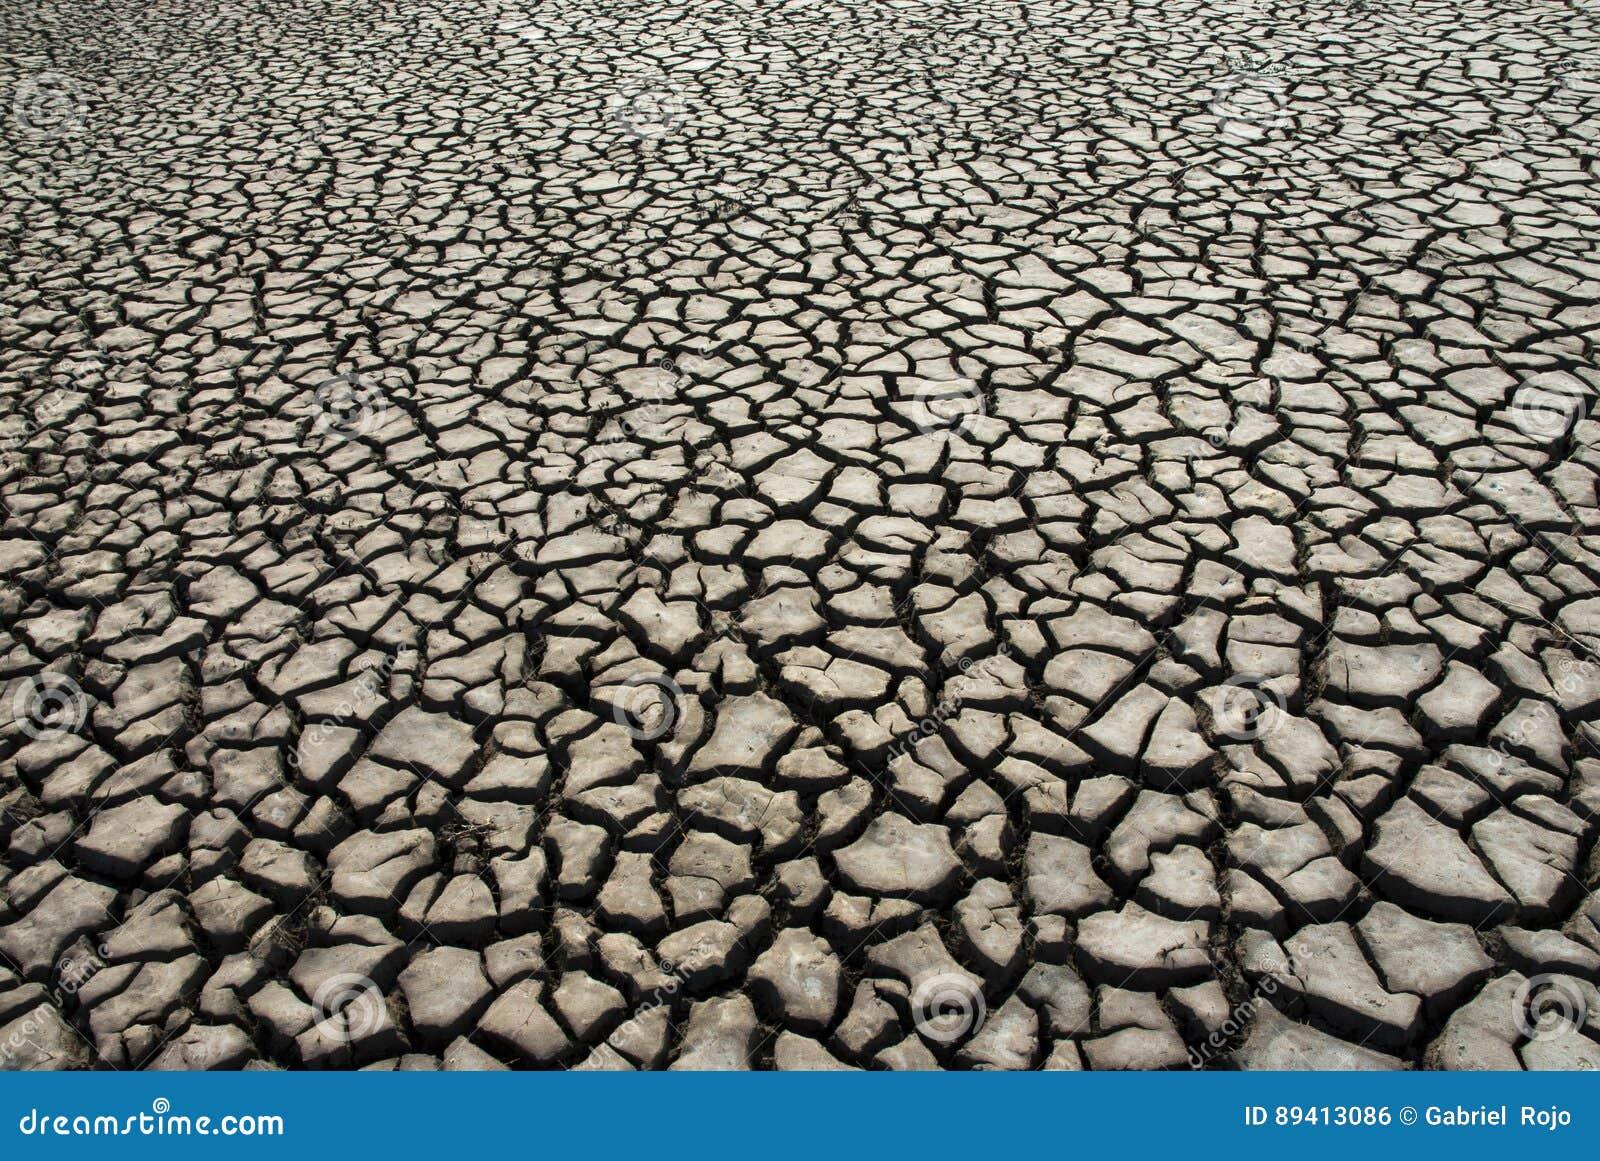 Solo seco La Pampa Argentina